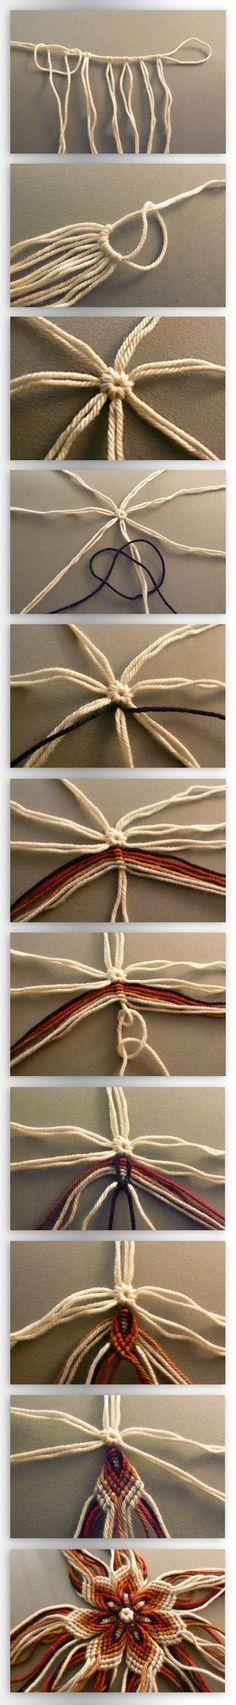 Ook een handige basis om bijvoorbeeld touw om een fles te knopen net als een hooinet.